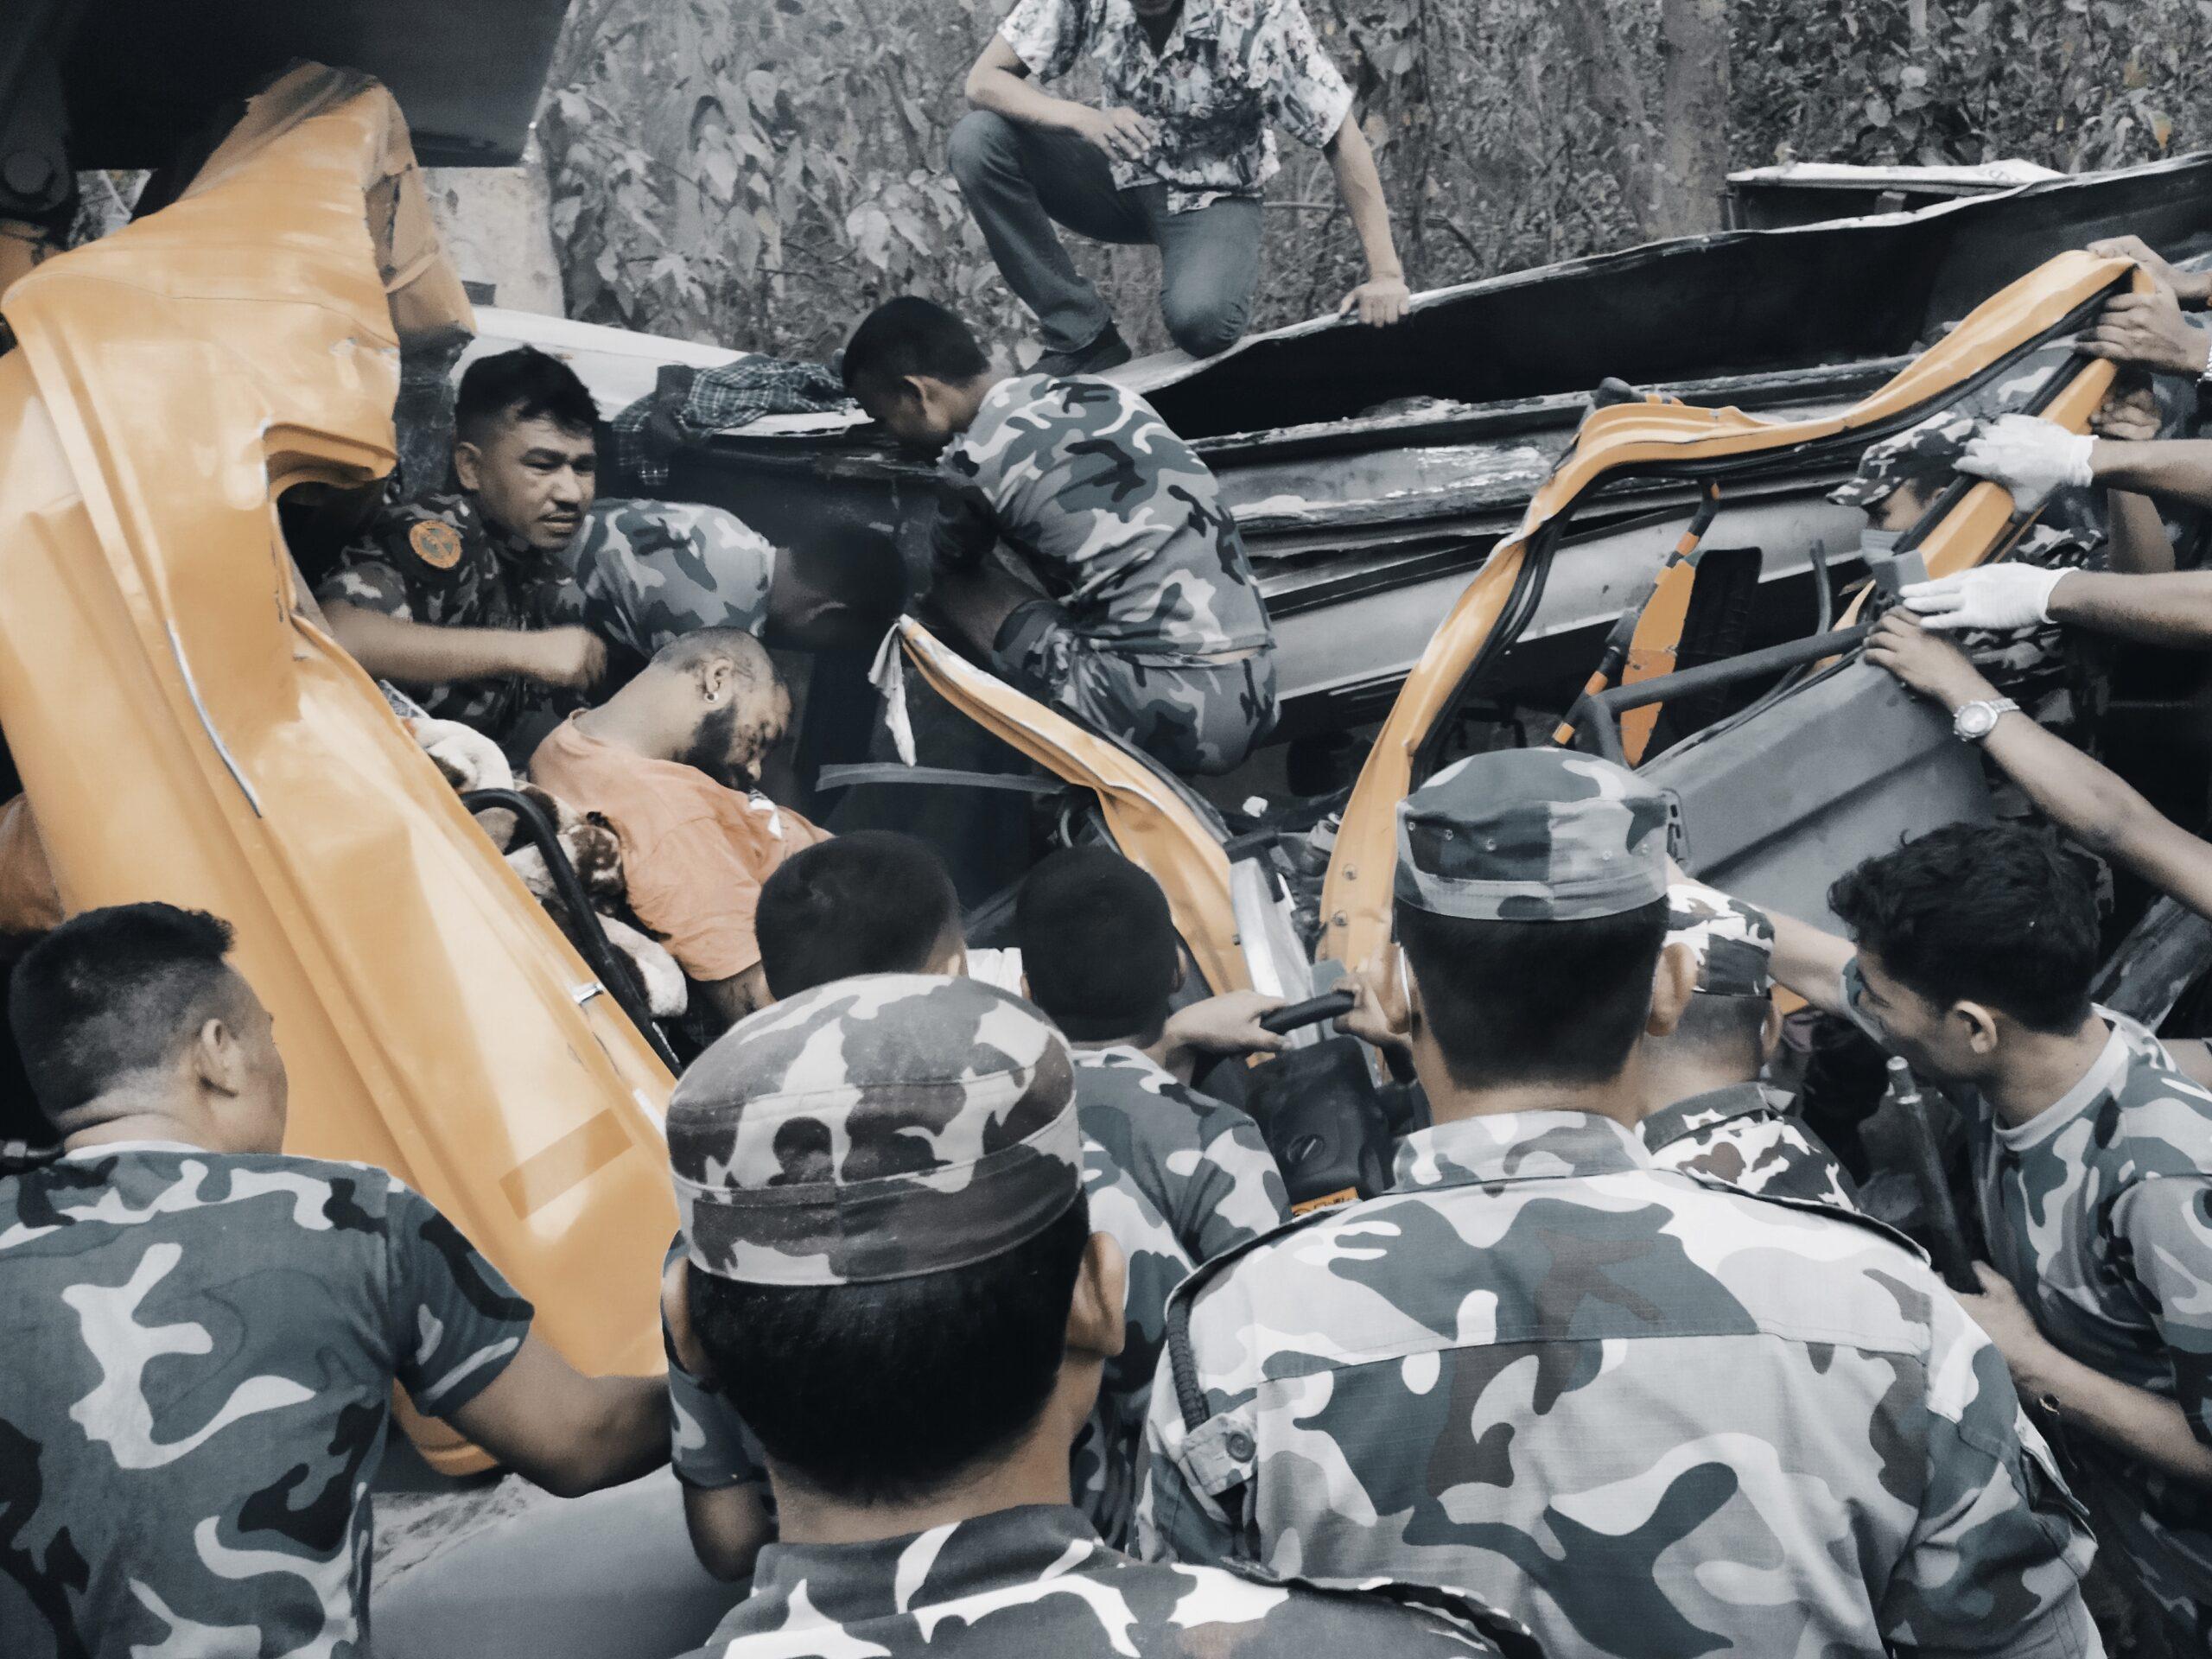 कोहलपुरमा भयानक दुर्घटना, एक जनाको घटना स्थलमै मृत्युु